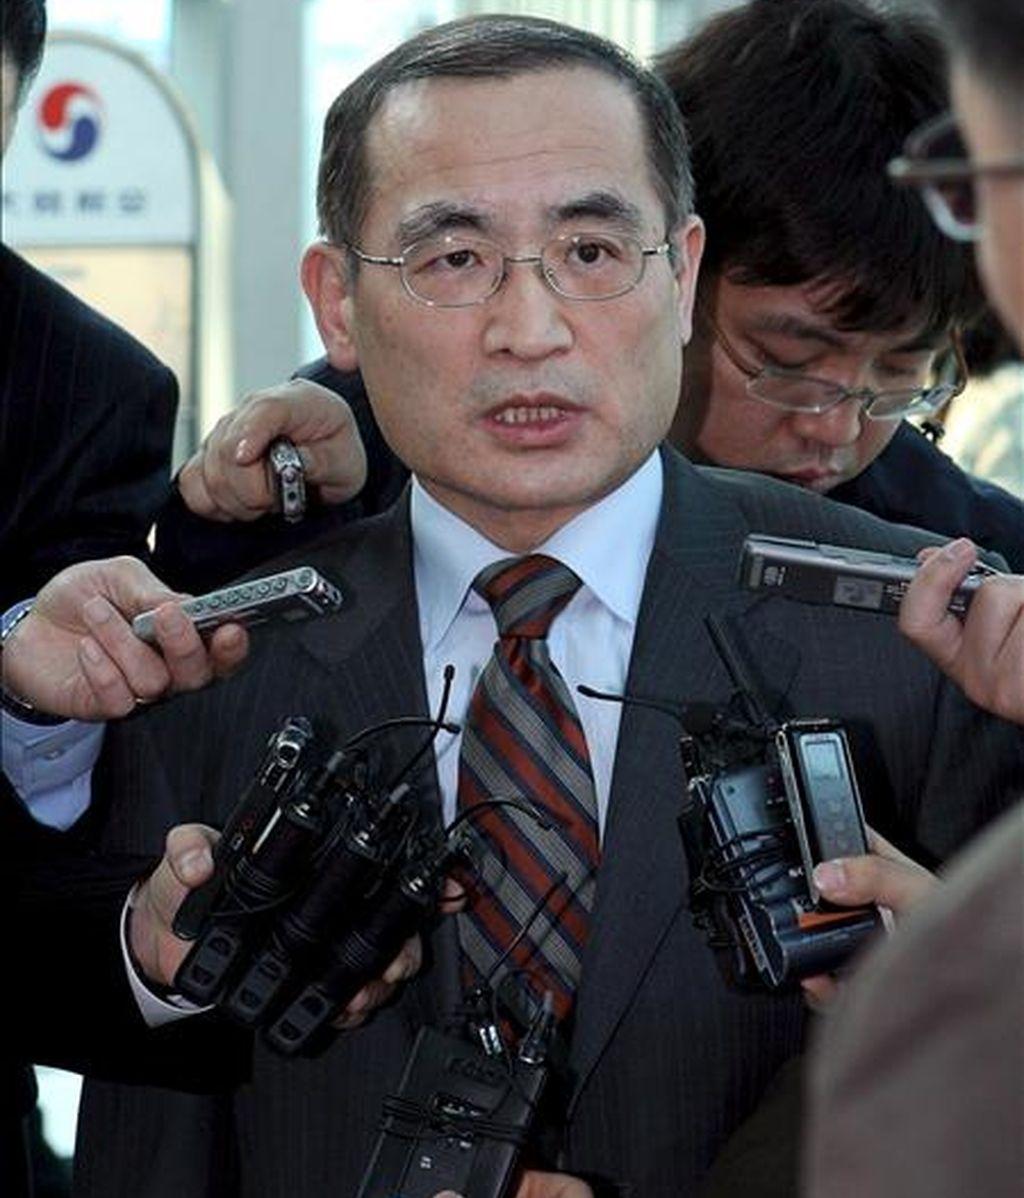 El delegado nuclear surcoreano, Wi Sung-lac, habla con los medios en el aeropuerto de incheon, al oeste de Seúl (Corea del Sur), a su llegada de Washington, el 1 de abril de 2009. EFE